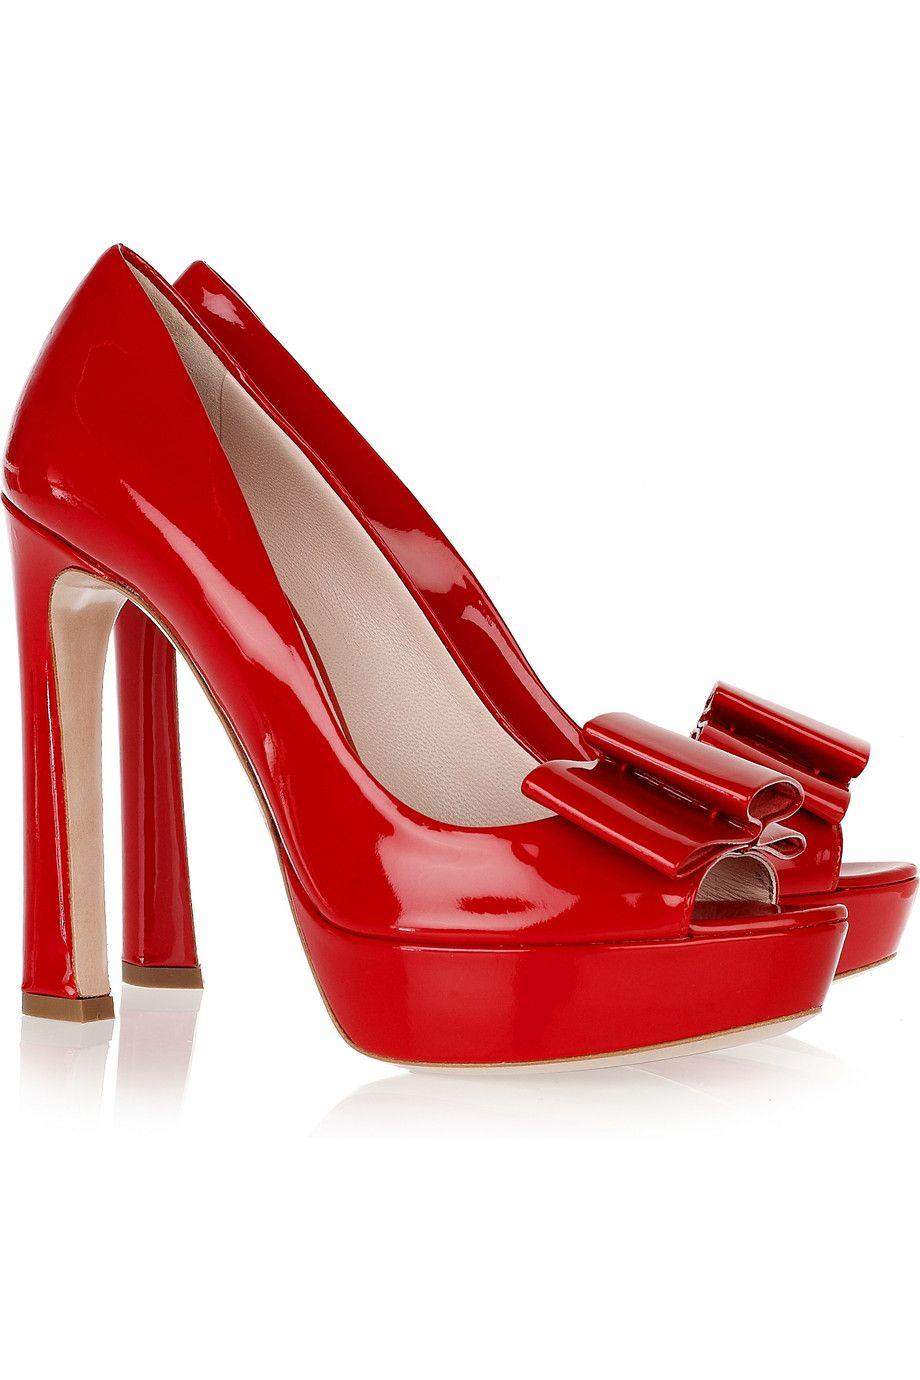 Moda Miu Miu Zapatillas Bolsas Zapatos Rojos Rojos Sandalias Tacos rYddwfq7